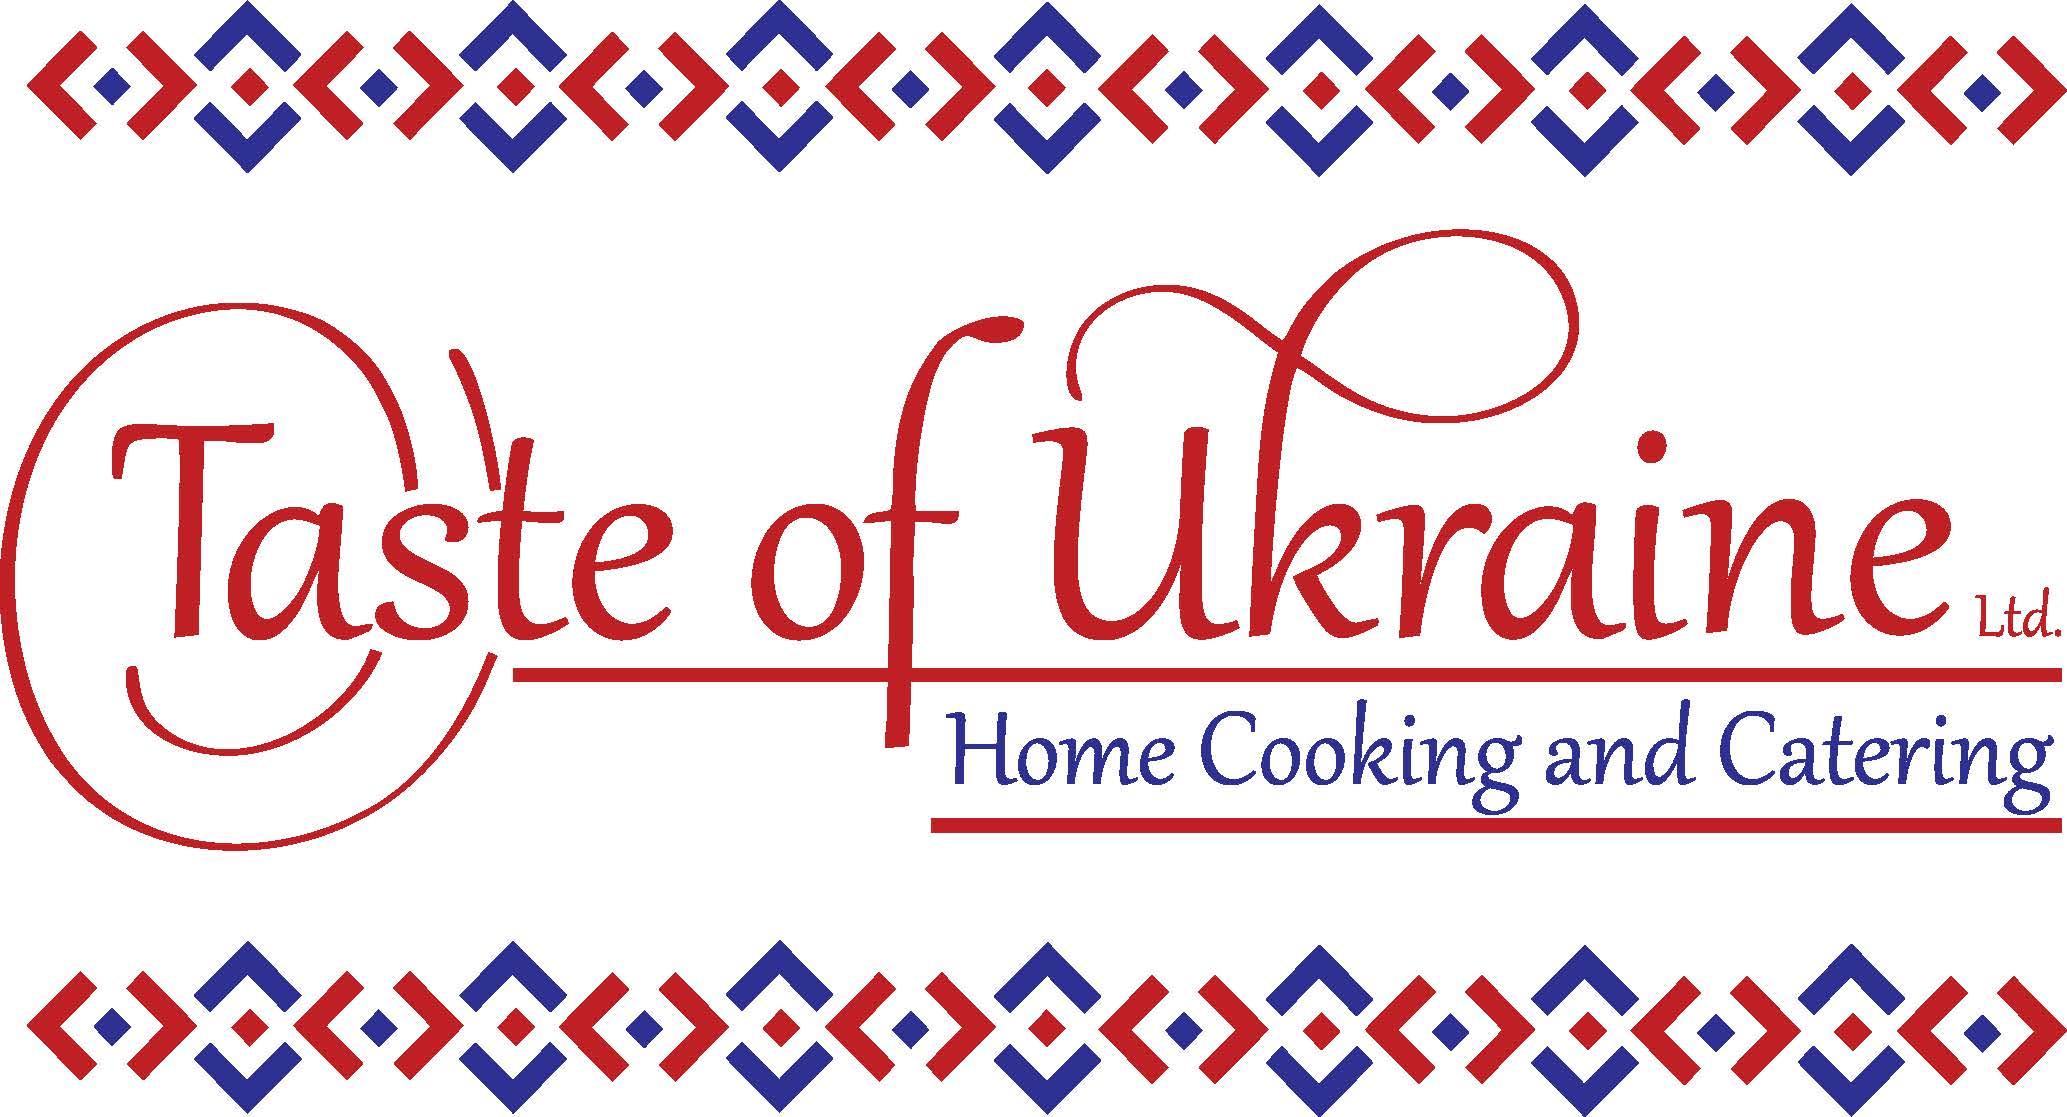 Taste of Ukraine